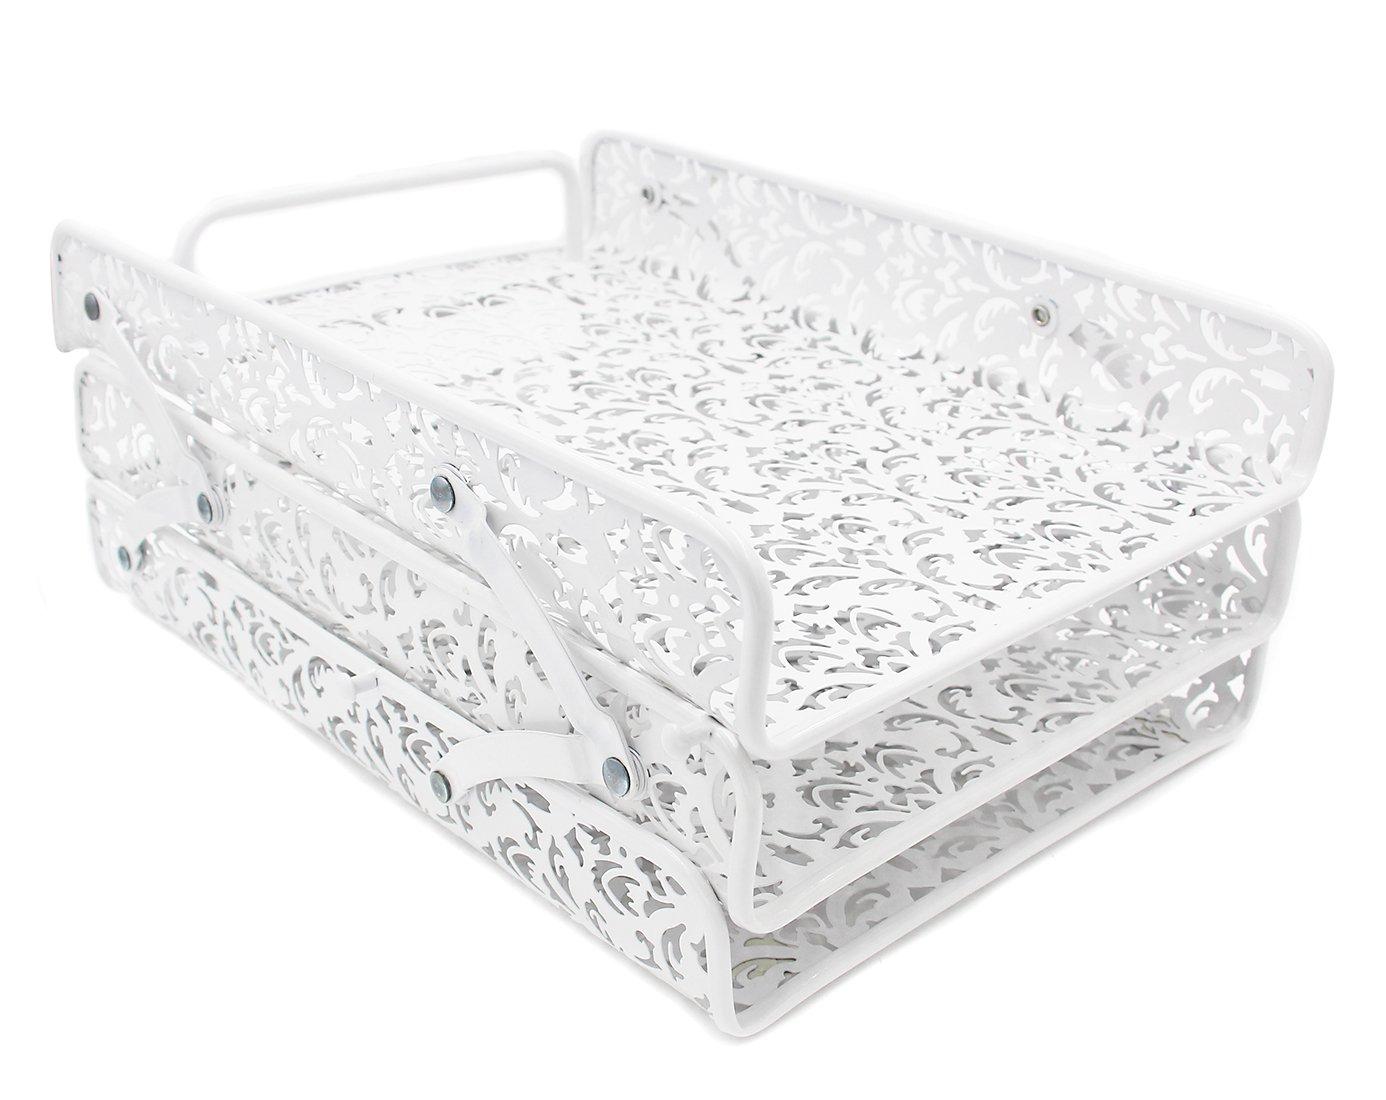 Schreibtisch-Briefablage, mit geschnittenem Blumenmuster, 3 Etagen weiß 3 Etagen weiß Baike